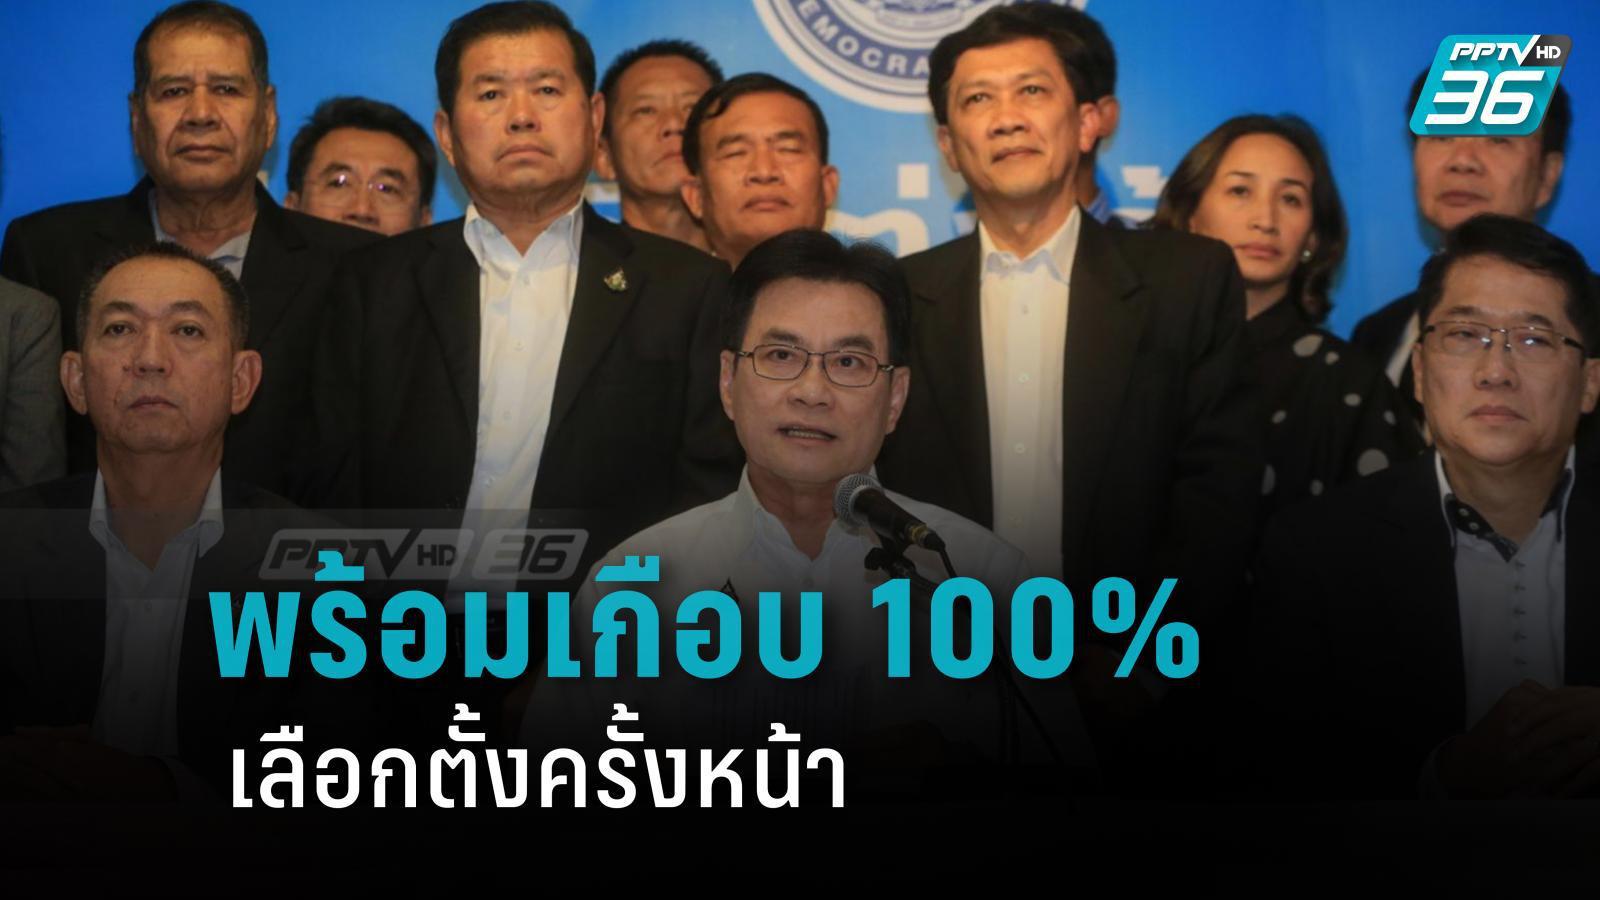 """""""ประชาธิปัตย์"""" ยัน พร้อมเกือบ 100% เลือกตั้งครั้งหน้า มีชื่อคนชิงผู้ว่าฯกทม.แล้ว"""